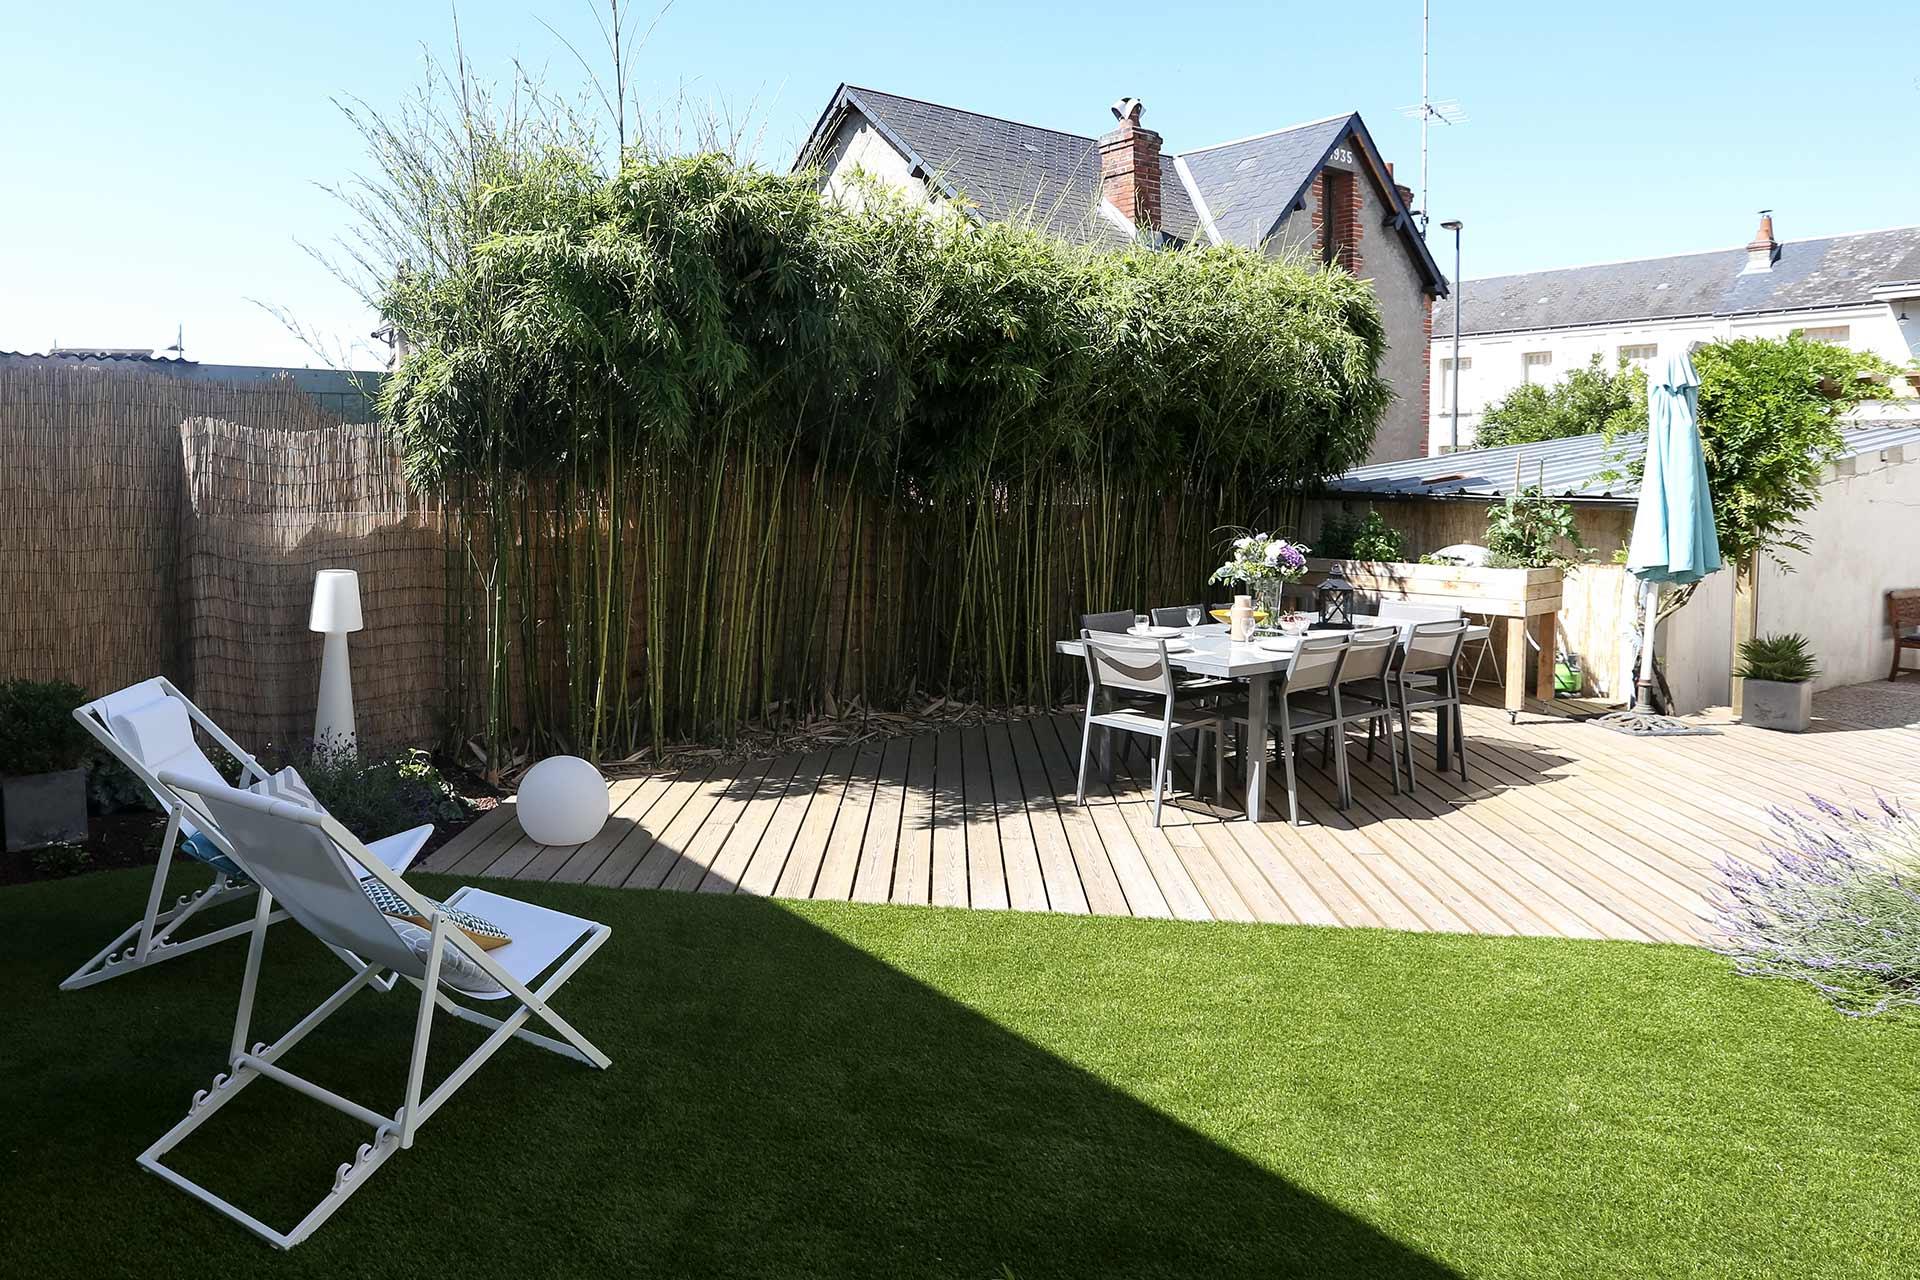 Entreprise du paysage, Serrault Jardins réalise des jardins sur-mesure dans diverses communes comme Reugny.